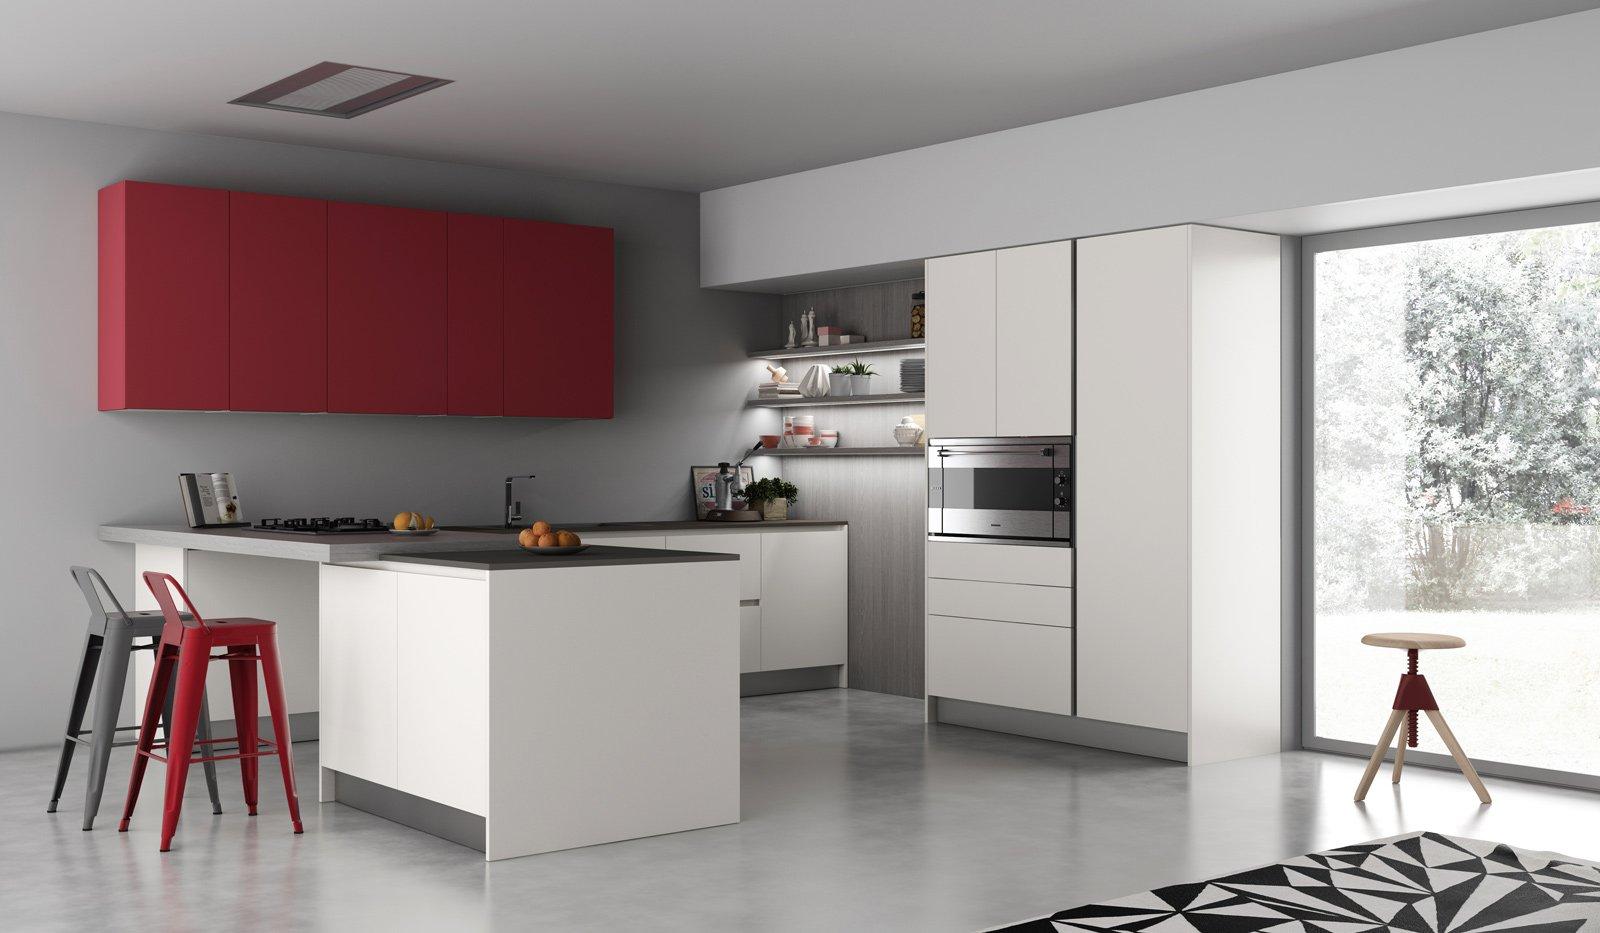 Cucina Grigia Colore Pareti - Idee per la progettazione di ...